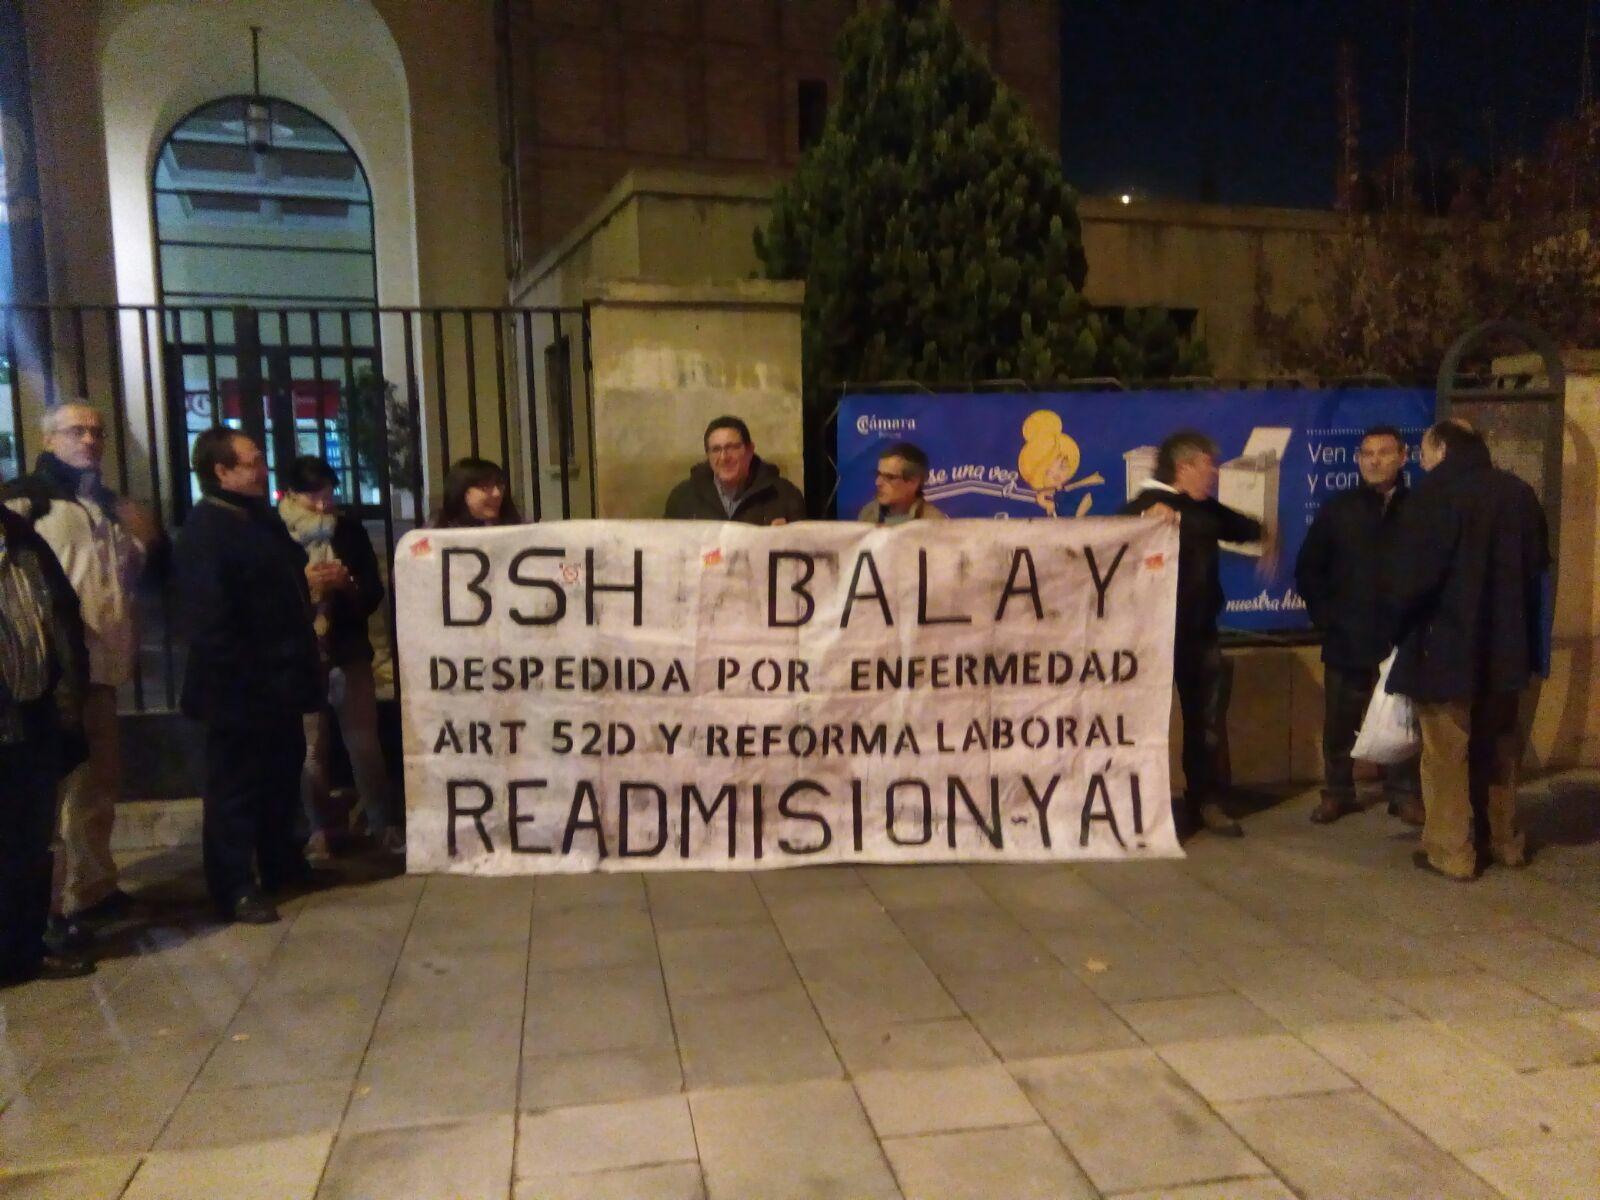 Concentración viernes 27/11 en exposición de Balay. ¡ FUERA REFORMAS LABORALES! ¡READMISION DESPEDIDA YA!